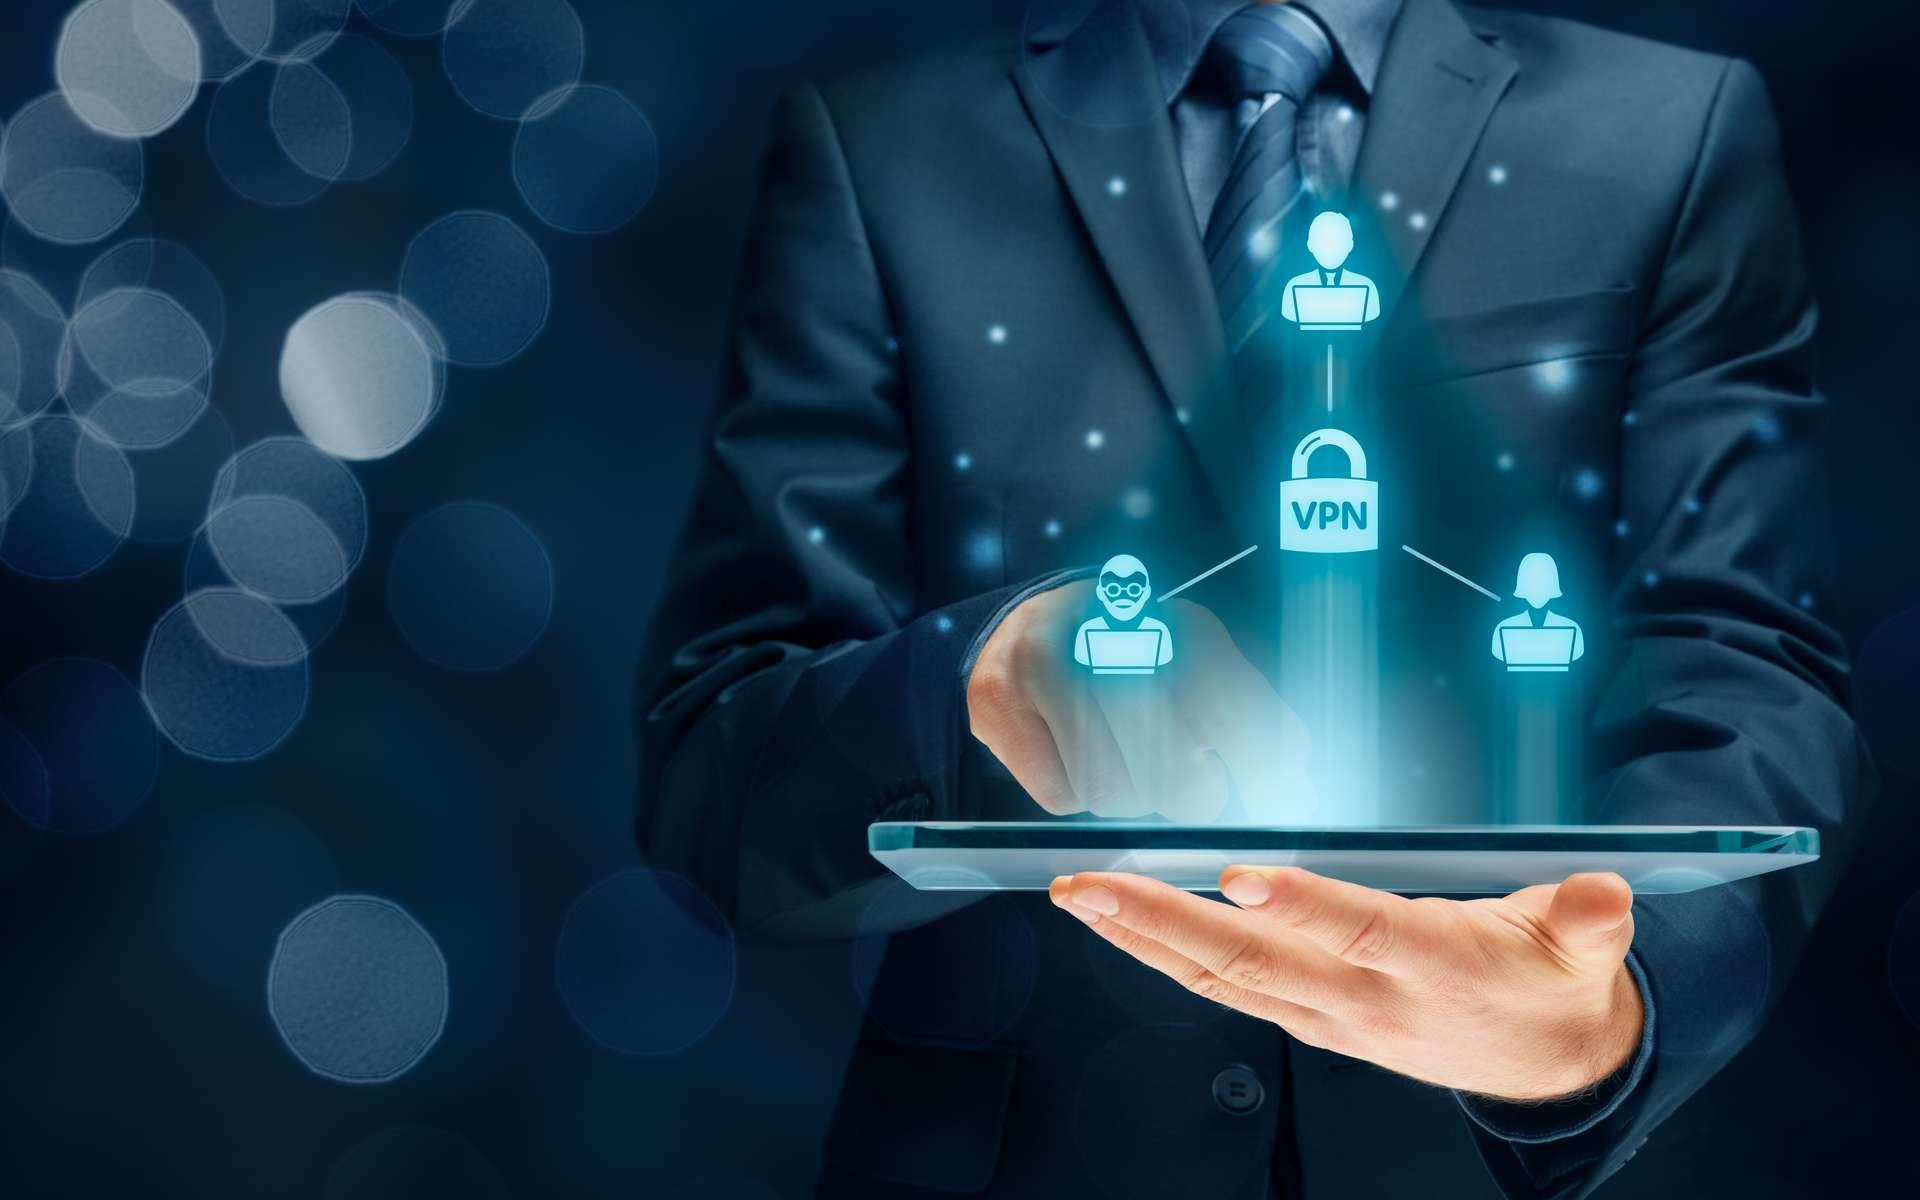 Un VPN améliore la sécurité et protège la vie privée. © Jakub Jirsák, Adobe Stock